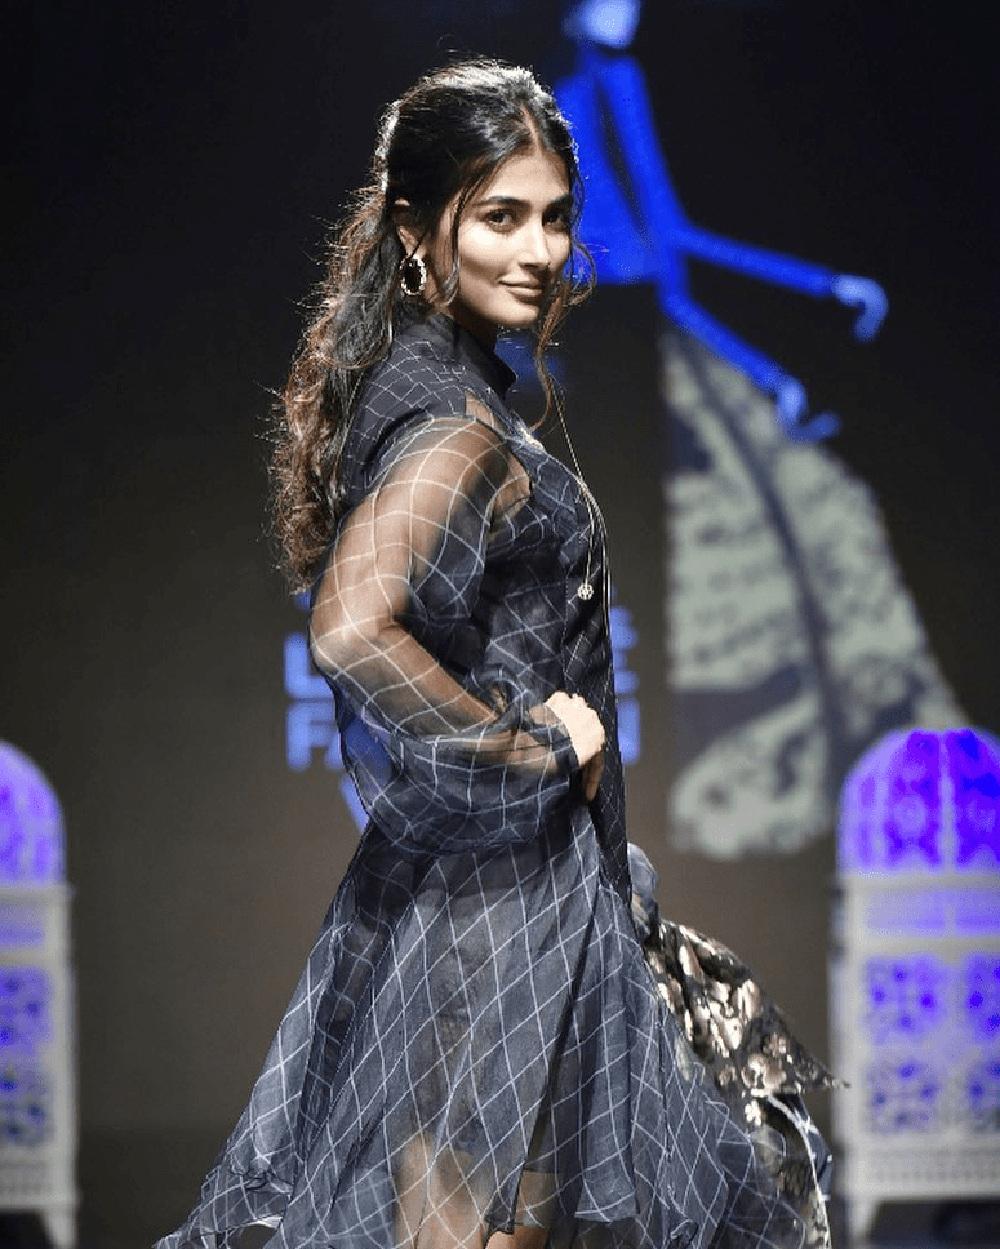 Pooja Hegde Ramp Walk @ Lakme Fashion Week 2019 Day 4